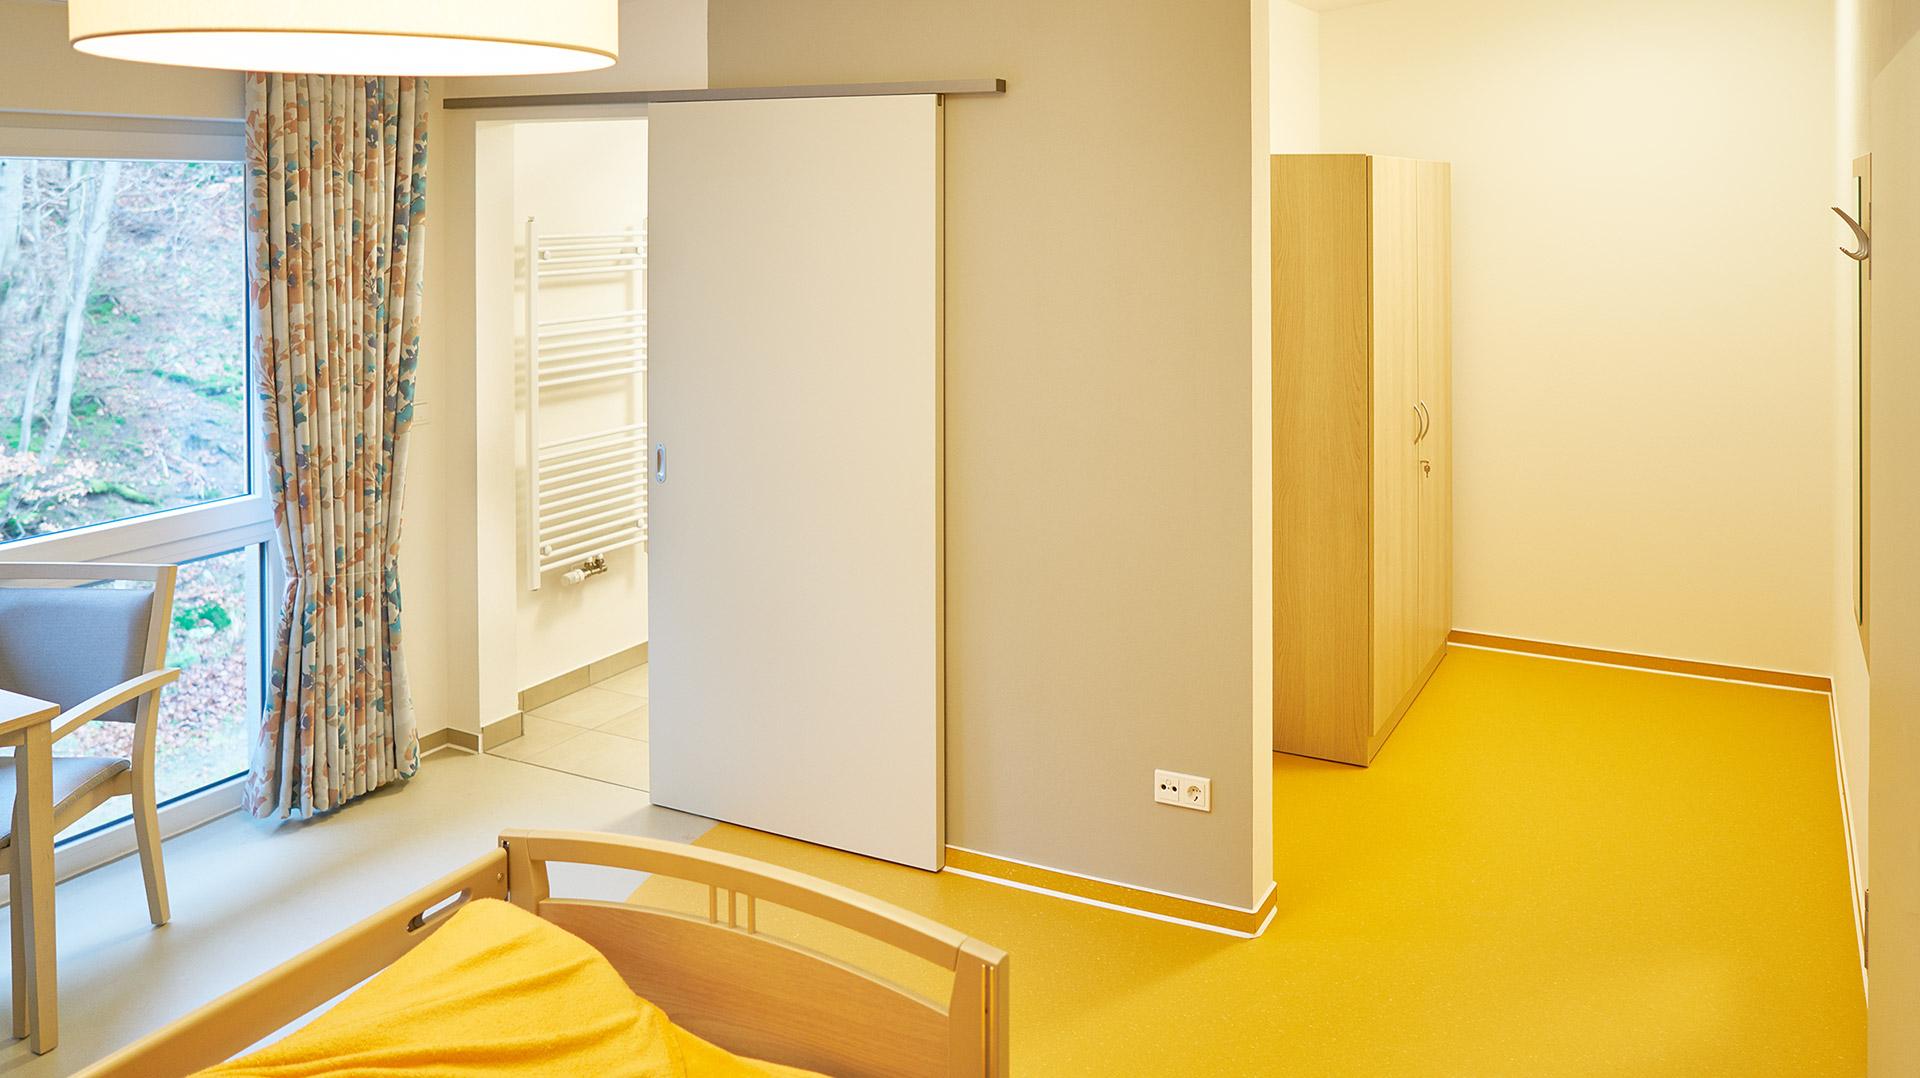 Zimmersanitär und Stauraum